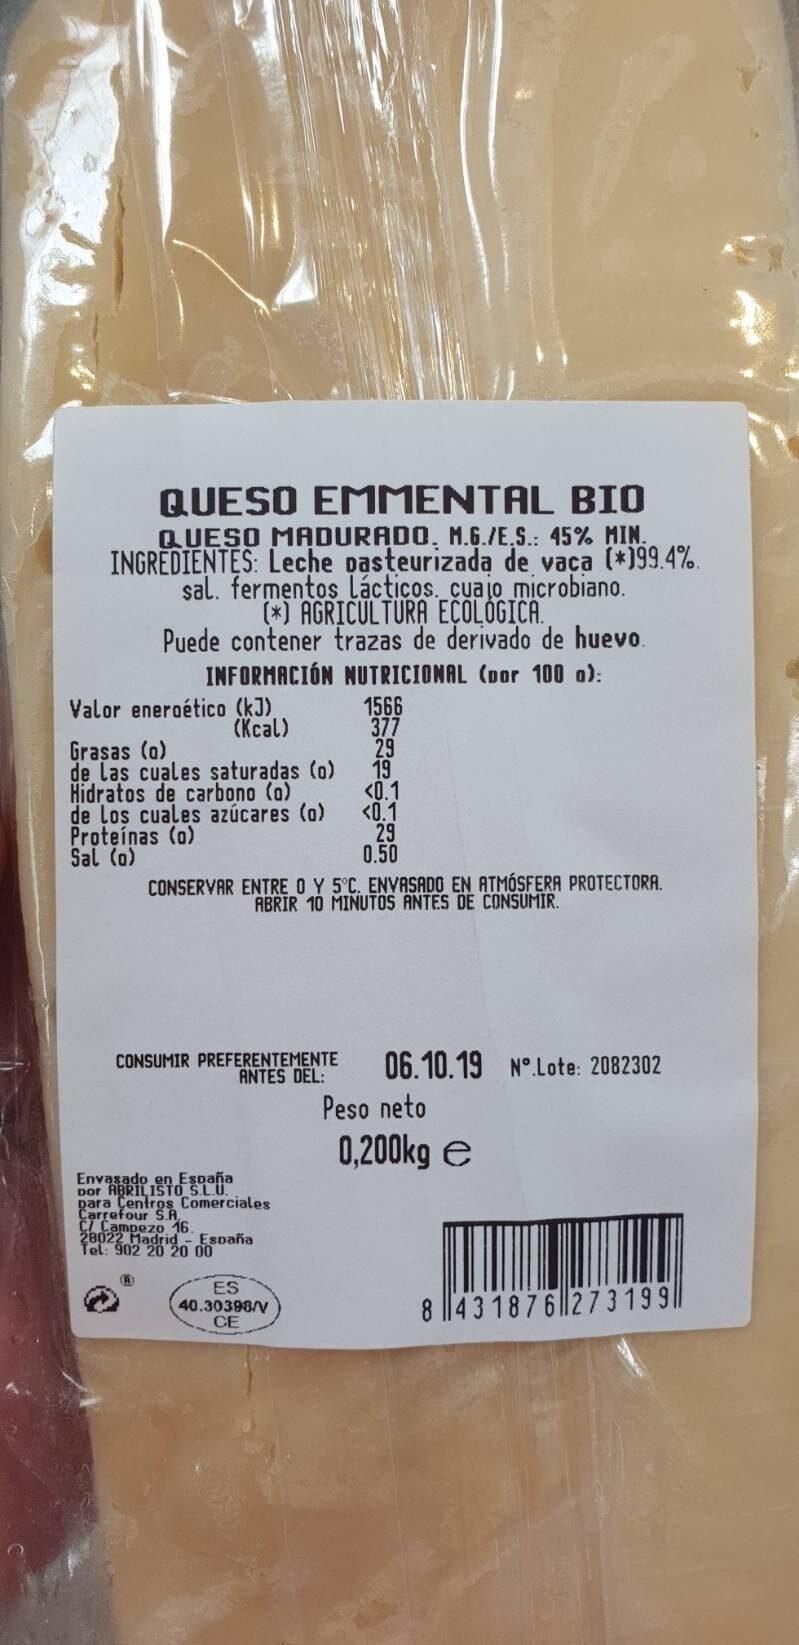 Queso Bio emmental - Información nutricional - es